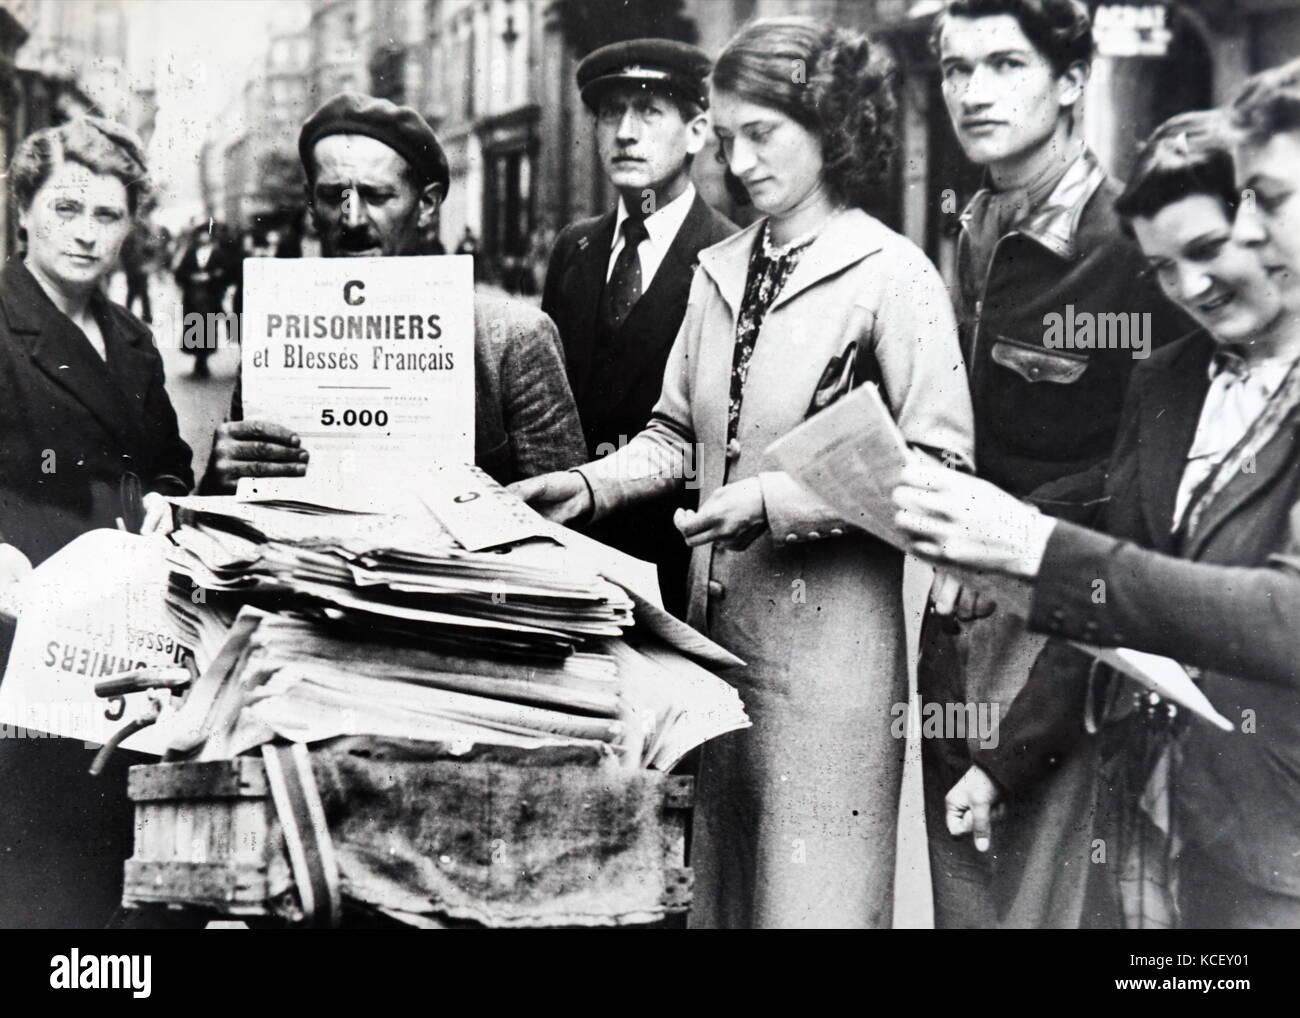 Foto der Listen der Kriegsgefangenen in Paris verteilt wird, nach dem Einmarsch in Frankreich im Zweiten Weltkrieg. Stockbild